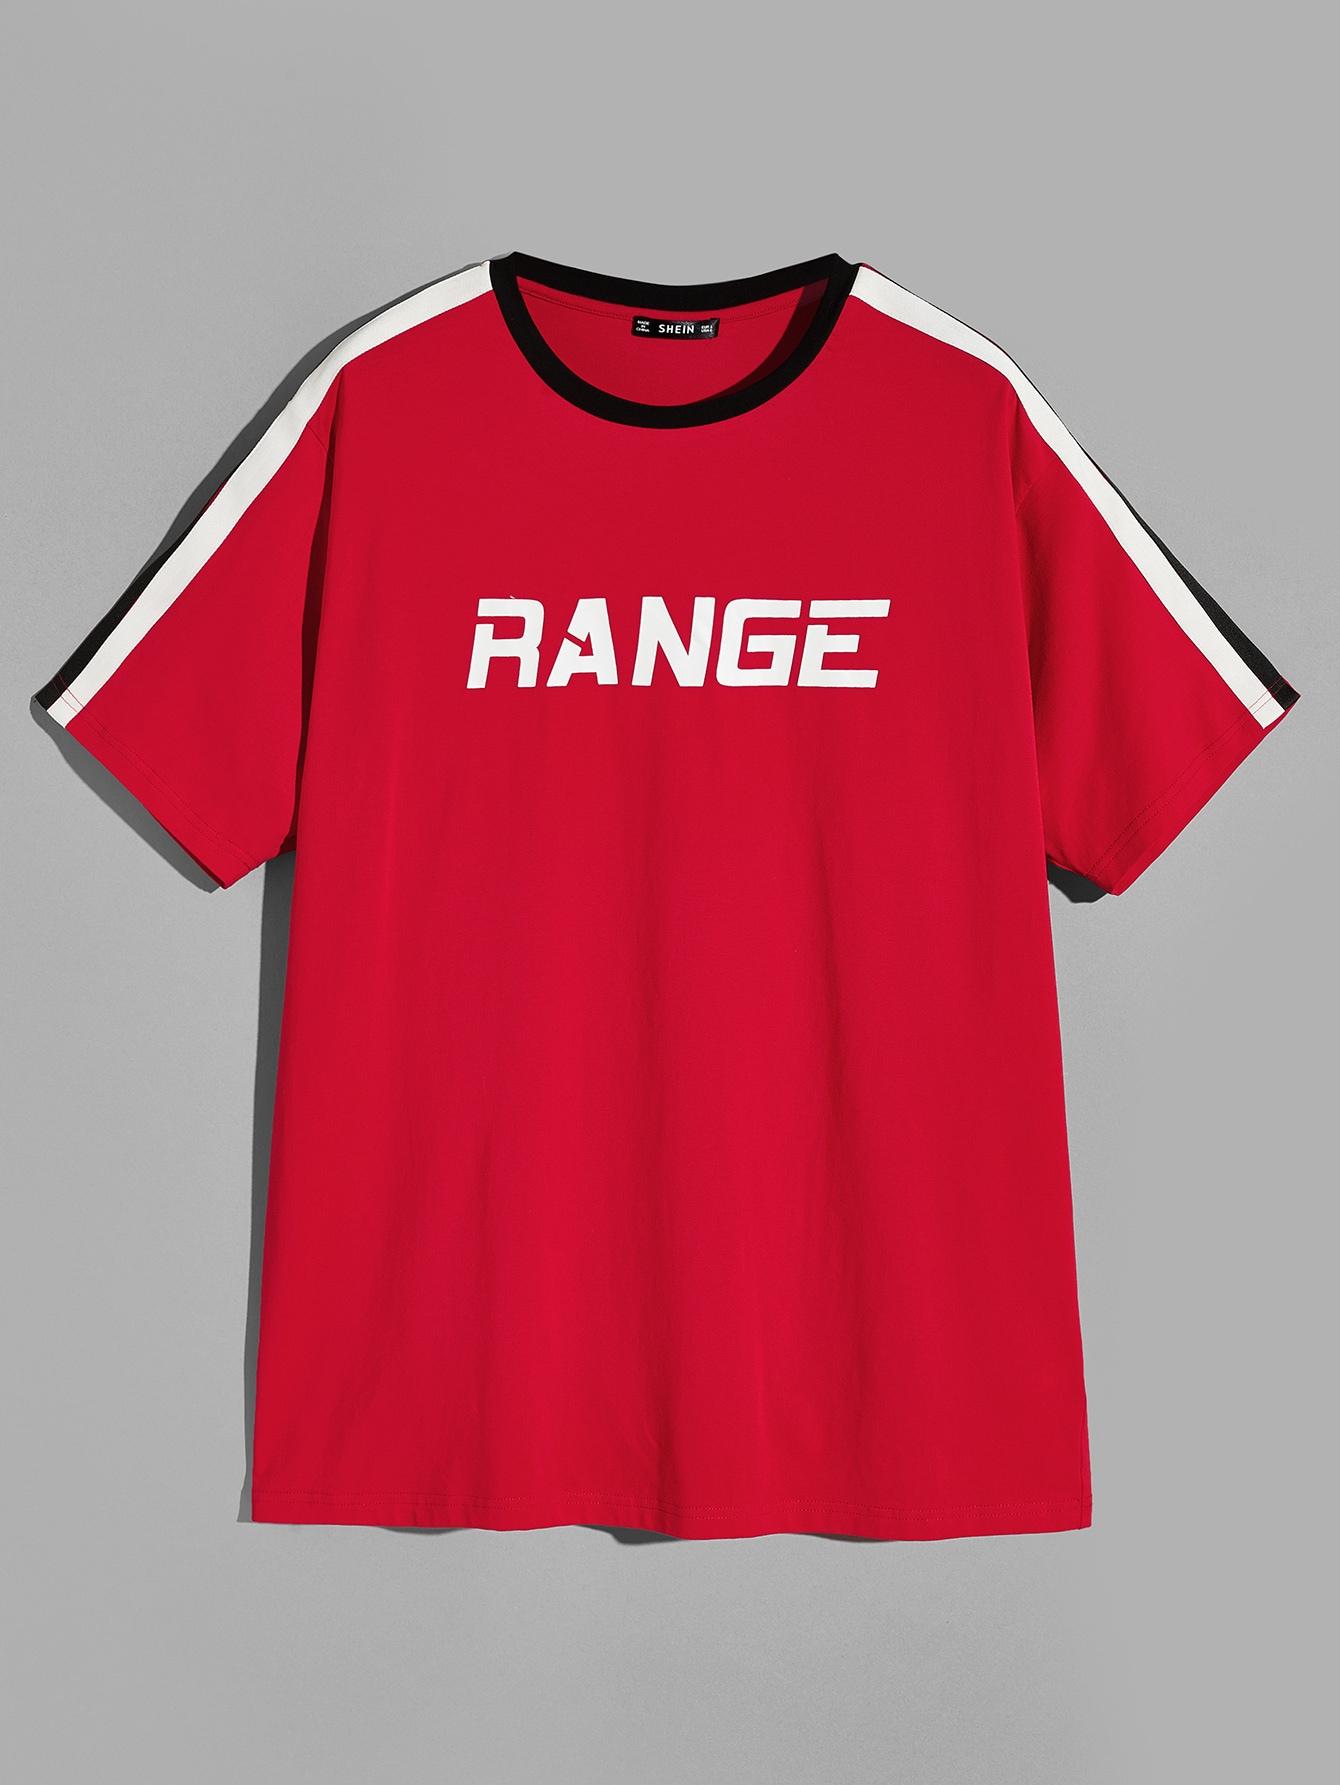 Купить Мужская футболка с полосатым рукавом и круглым воротником и текстовым принтом, null, SheIn